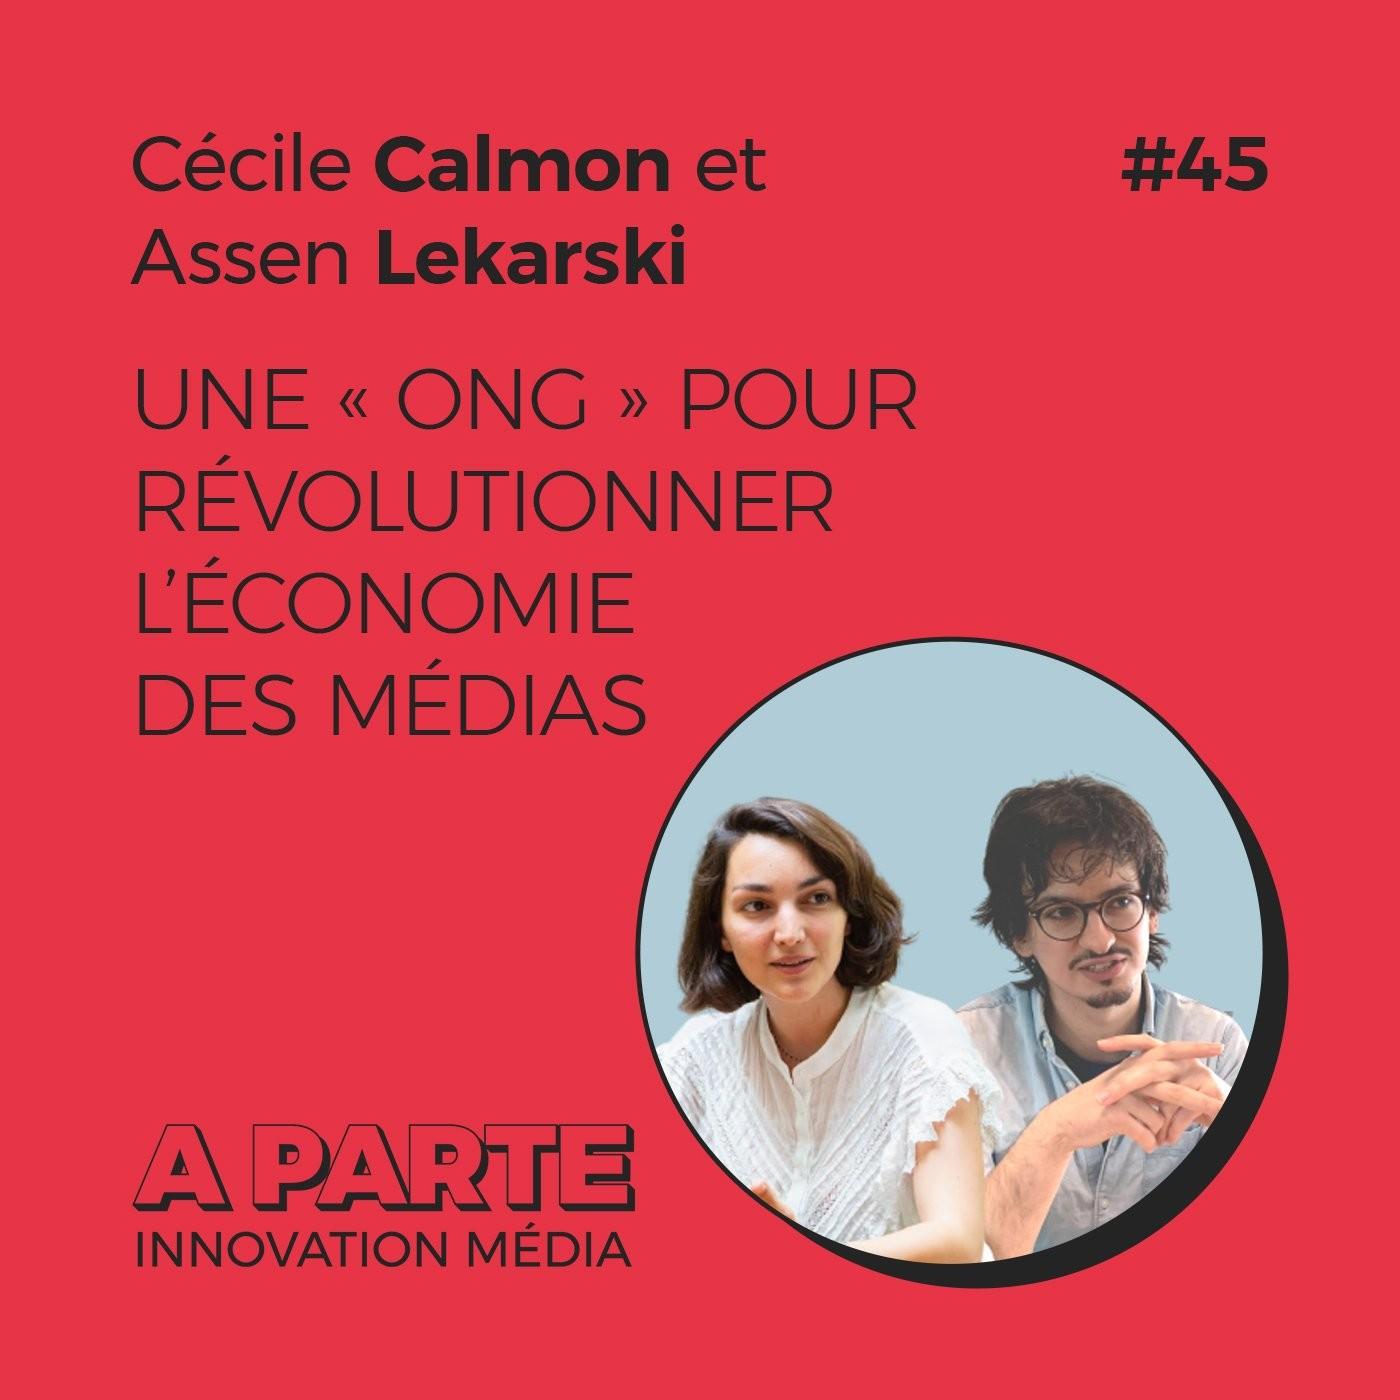 Une «ONG» pour révolutionner l'économie des médias, avec Cécile Calmon et Assen Lekarski